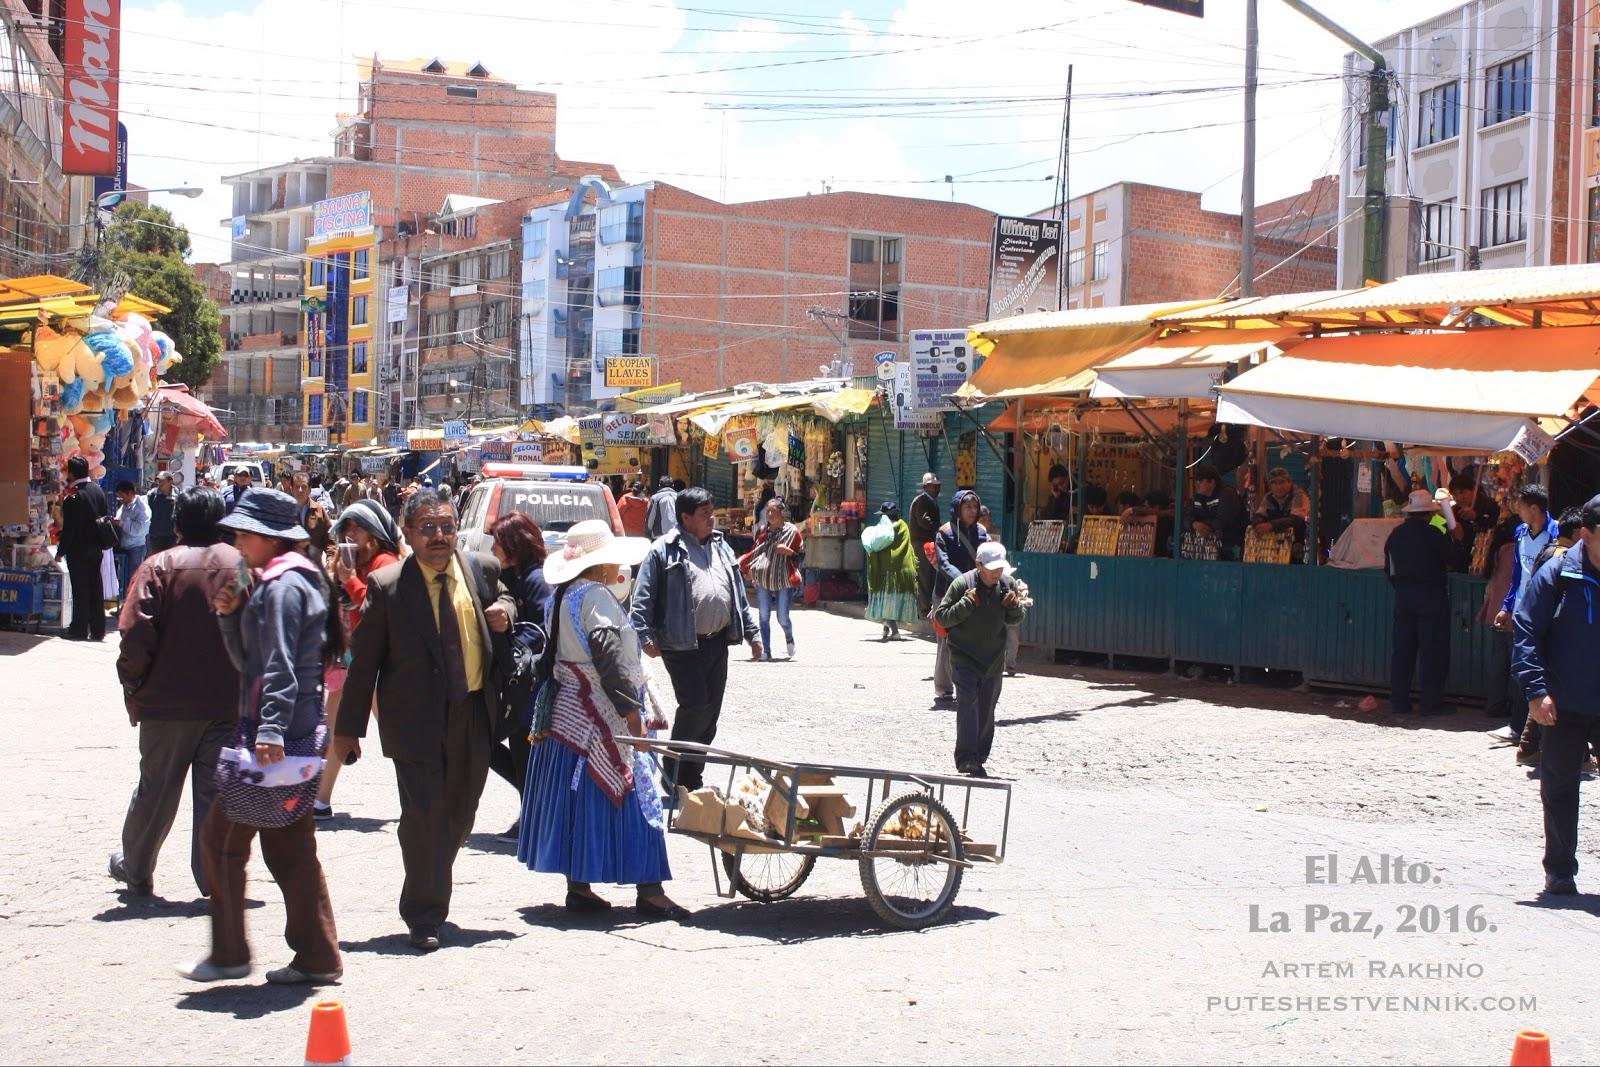 Рынок в Эль-Альто